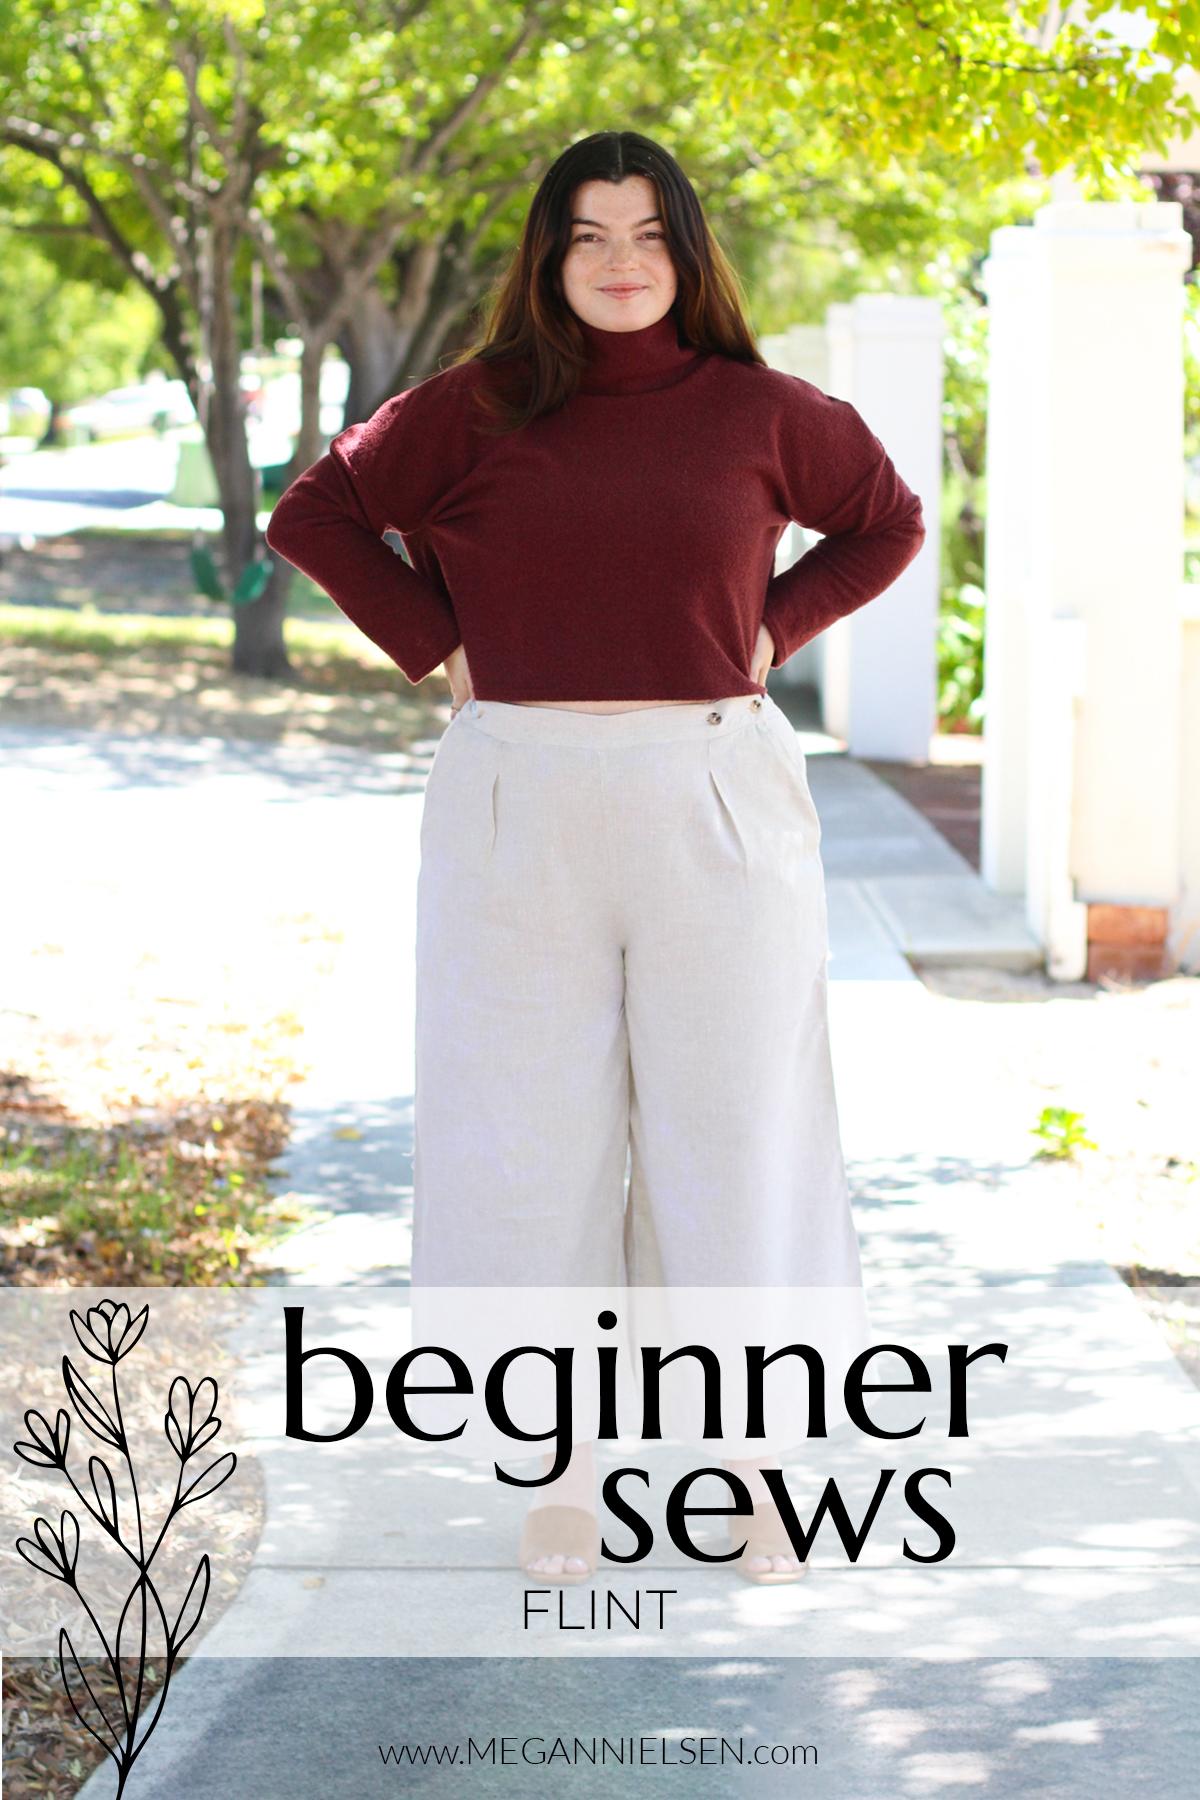 Beginner Sews: Flint Title card